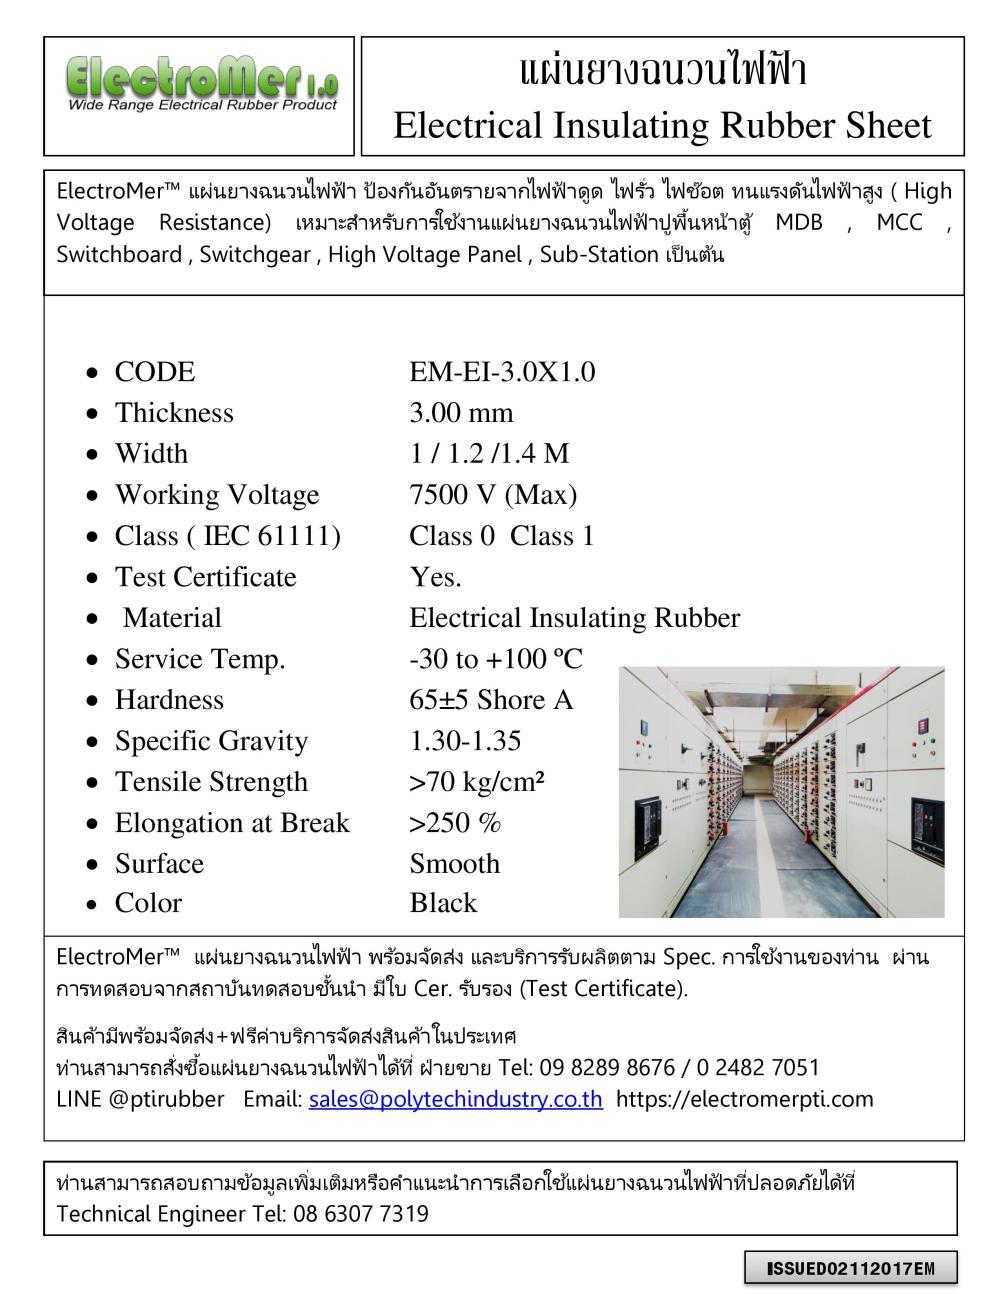 แผ่นยางฉนวนไฟฟ้า 3 mm High Voltage Resistance 7500 V.